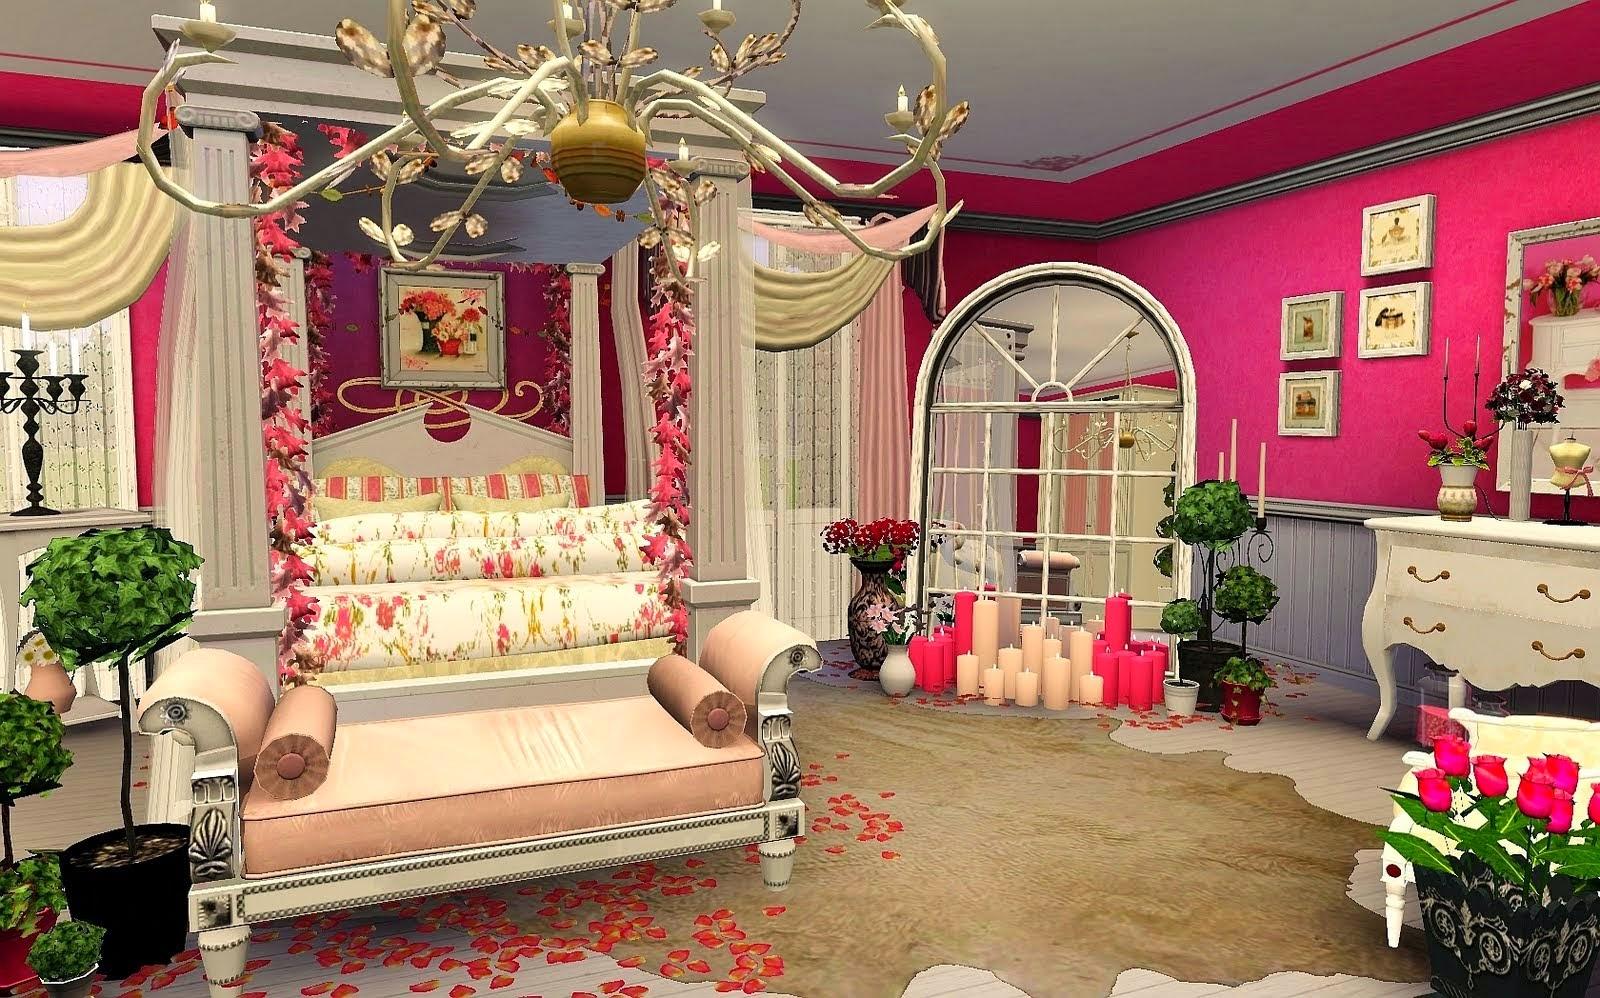 Chambre Adulte Romantique Dcoration De Chambre Adulte Romantique Ides D  With Idee Deco Chambre Adulte Romantique.